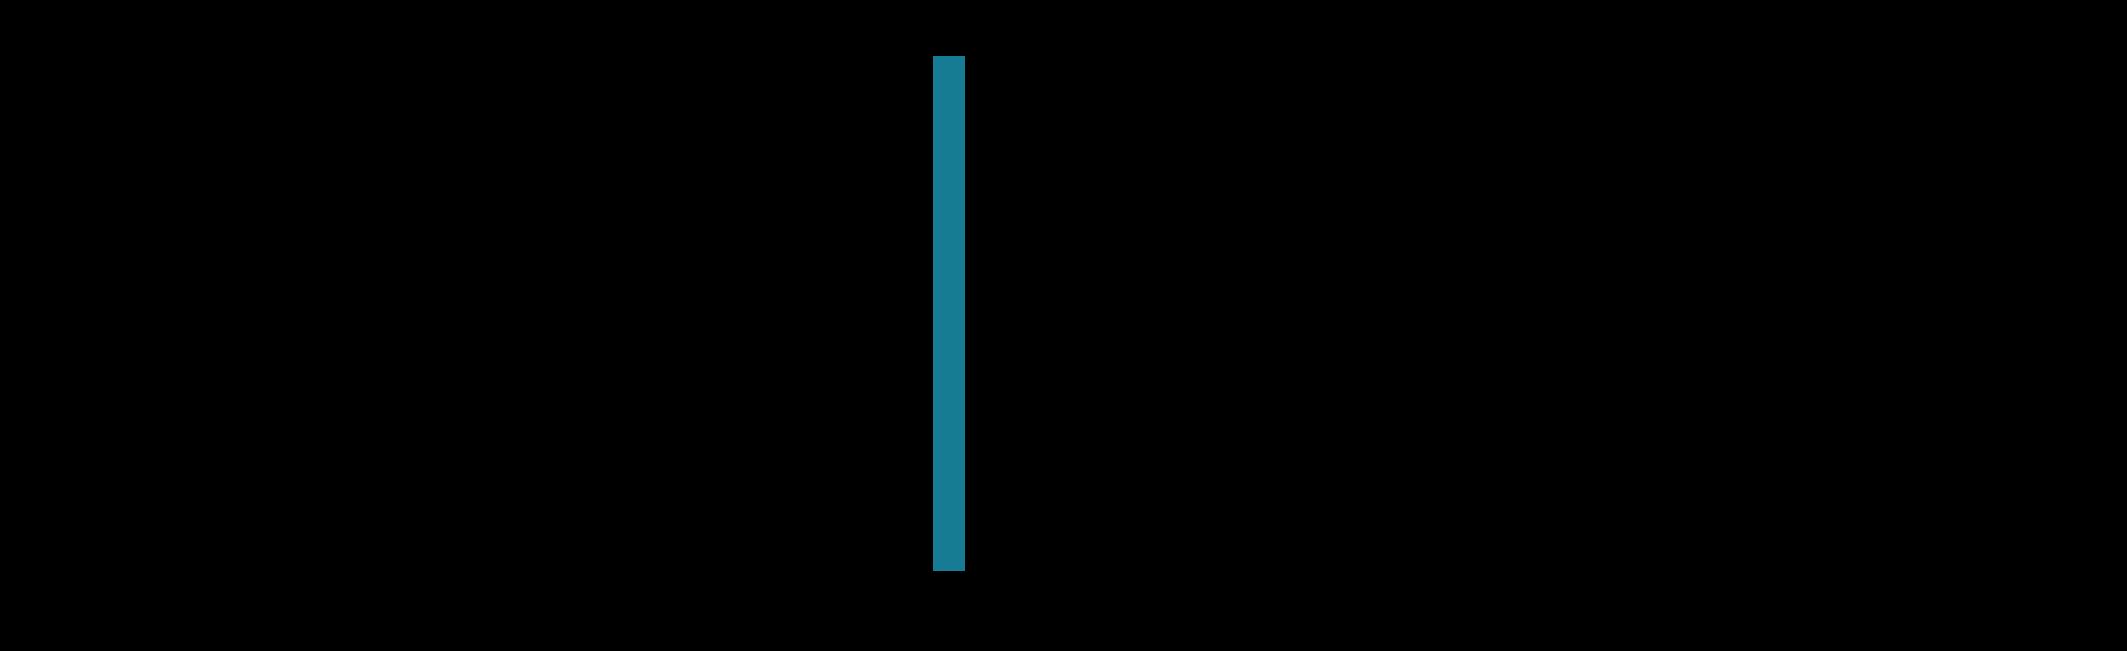 Logo SAFRA Constructeur en anglais